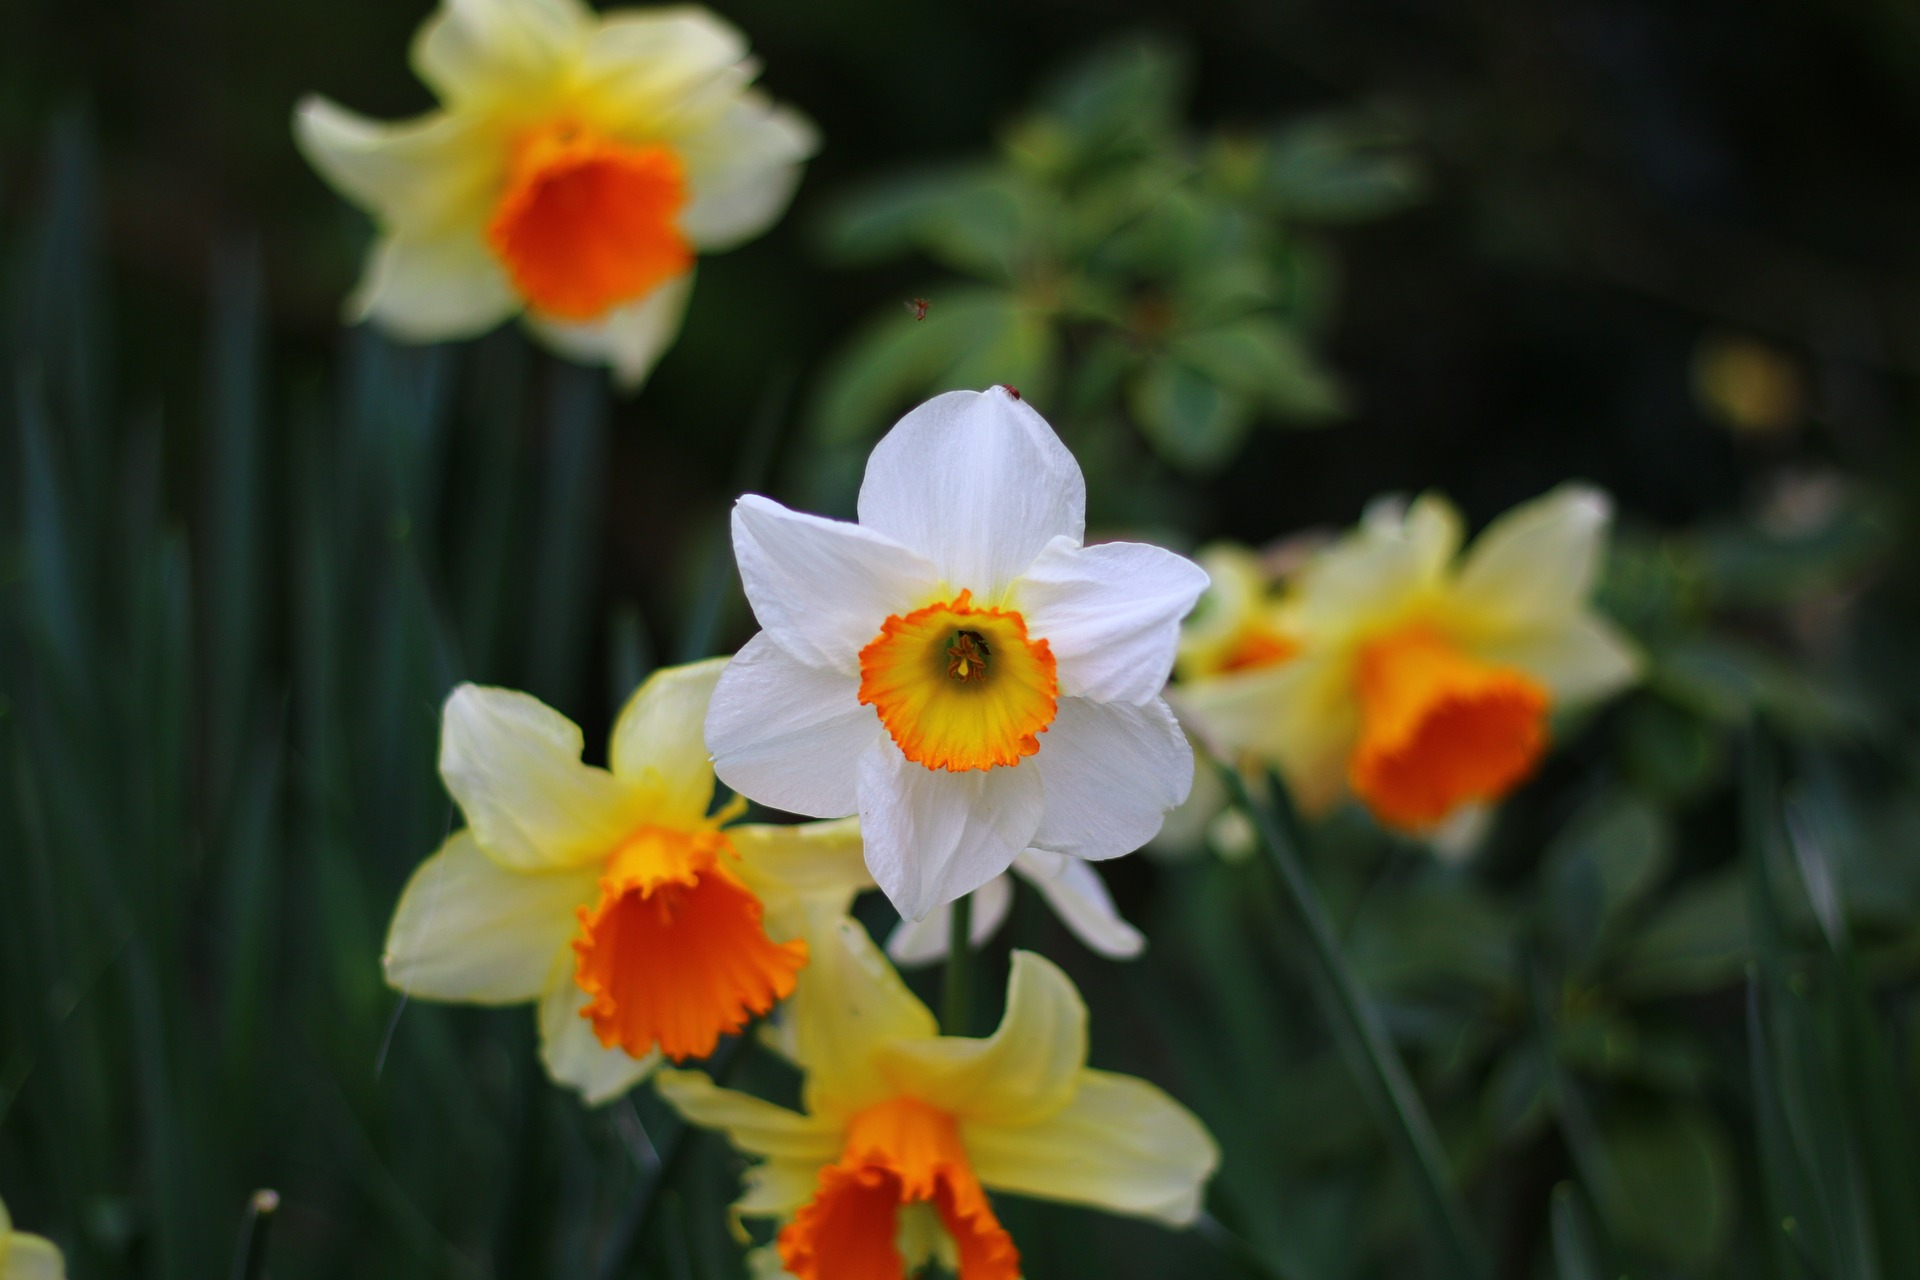 daffodil-1337620_1920